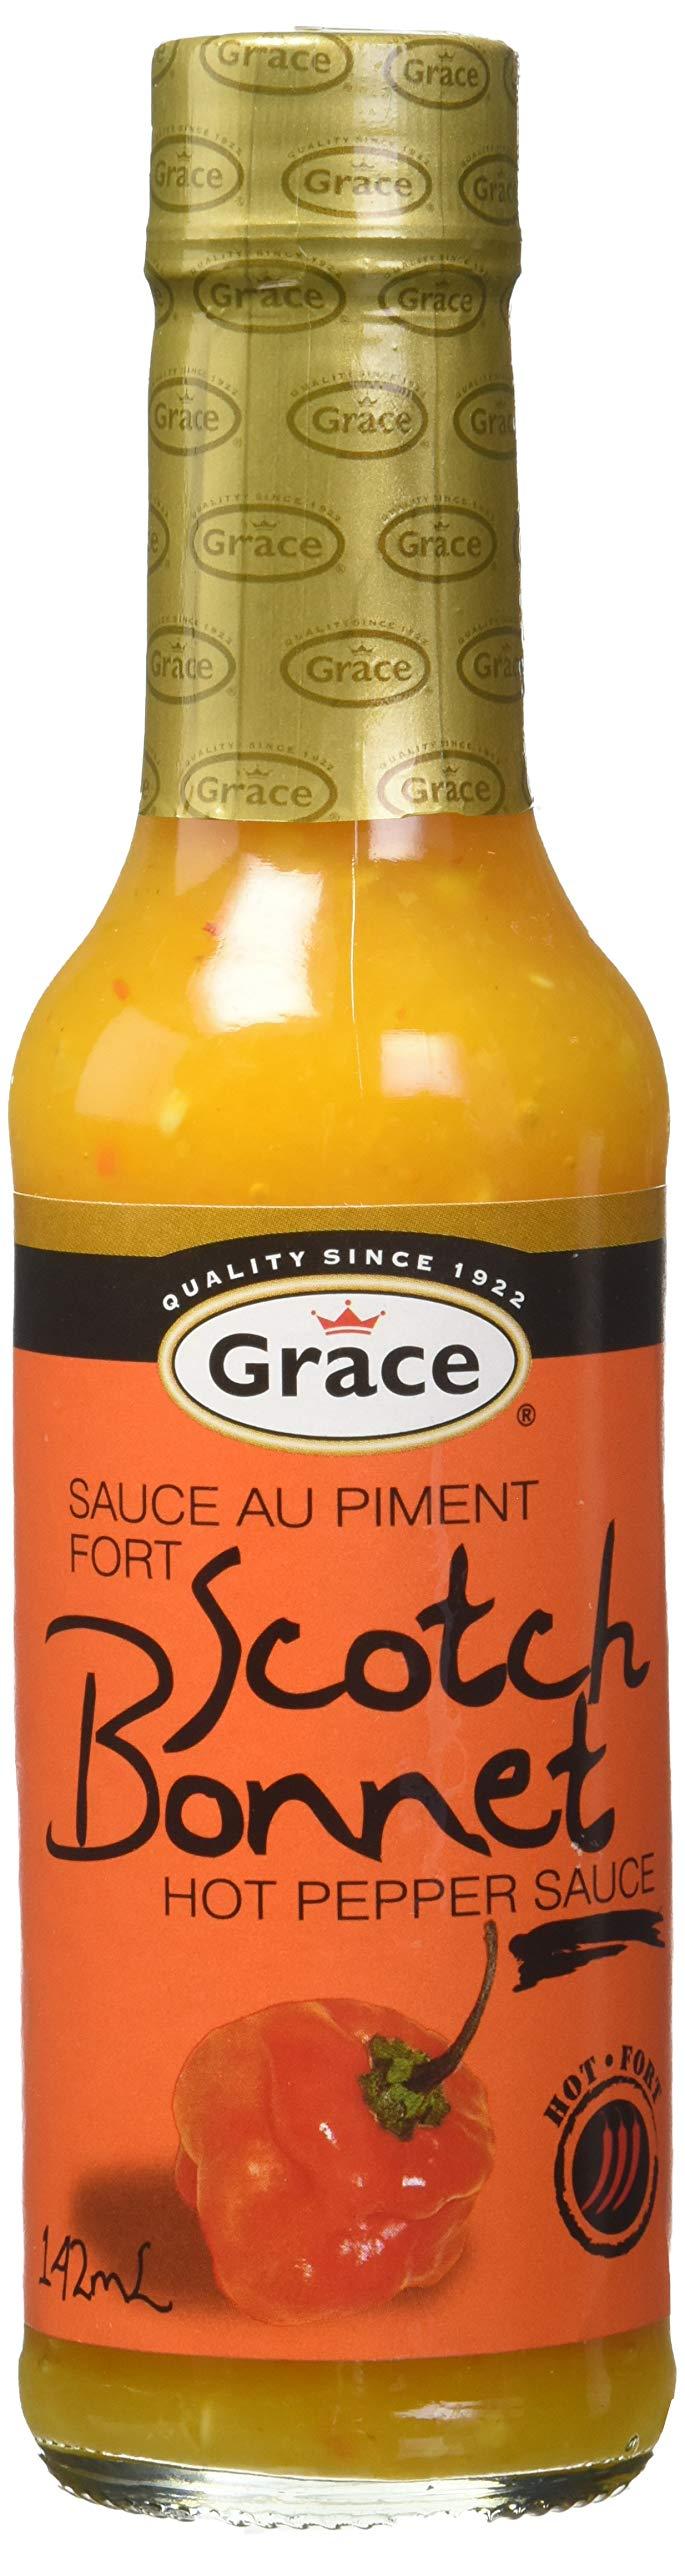 Grace Scotch Bonnet Sauce 4.8 oz